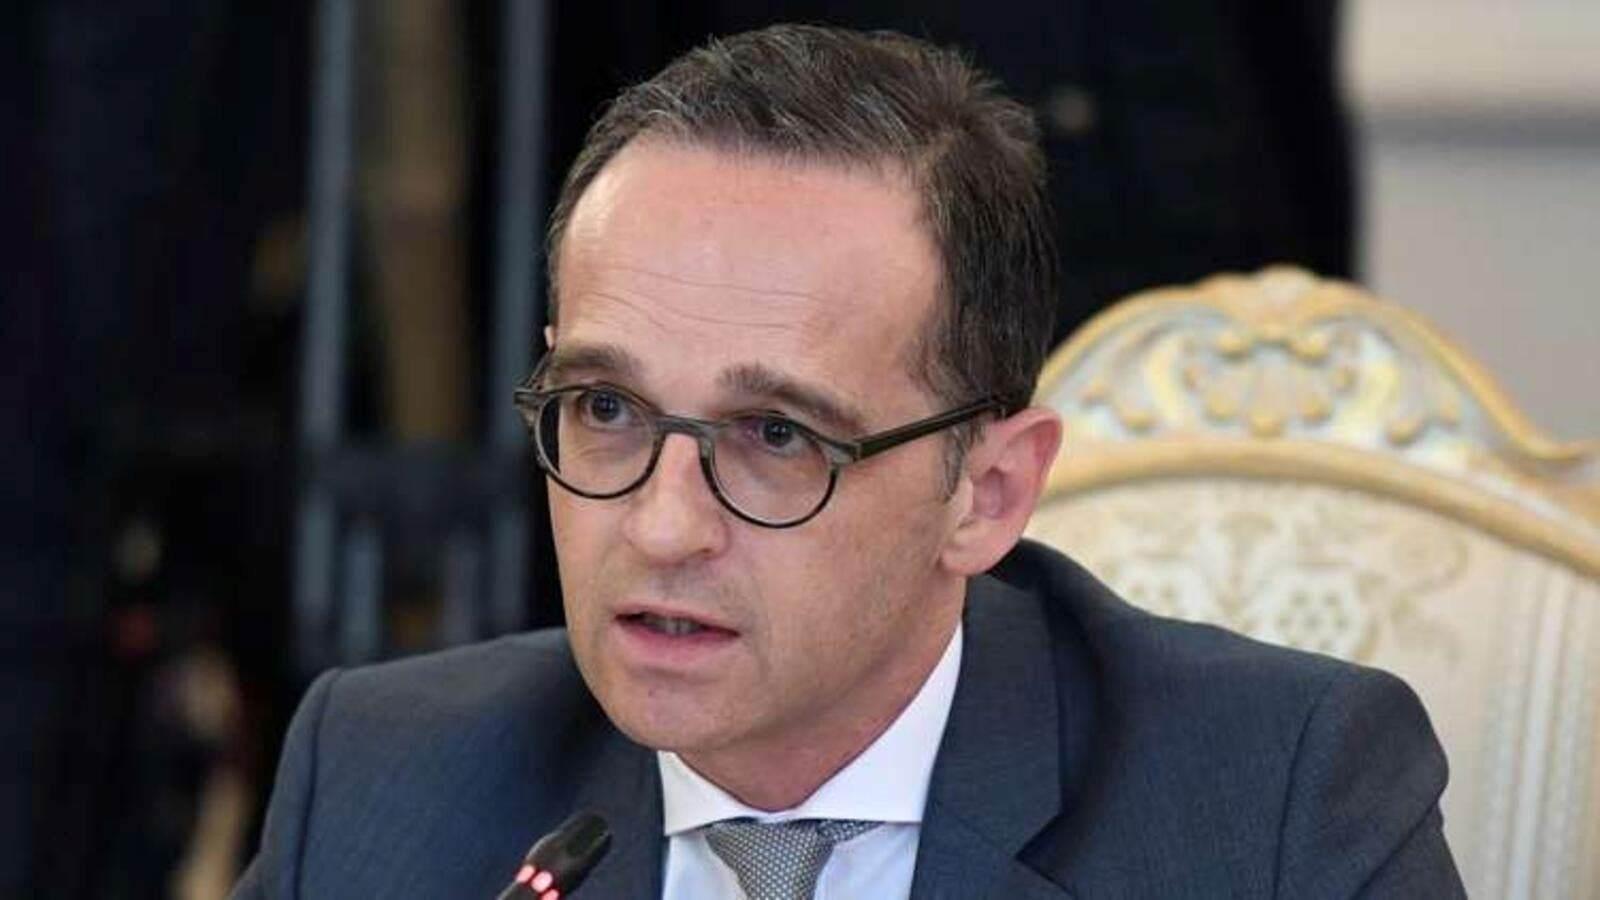 ألمانيا: سحب القوات الأميركية لم يتم الاتفاق عليه ضمن إدارة ترامب